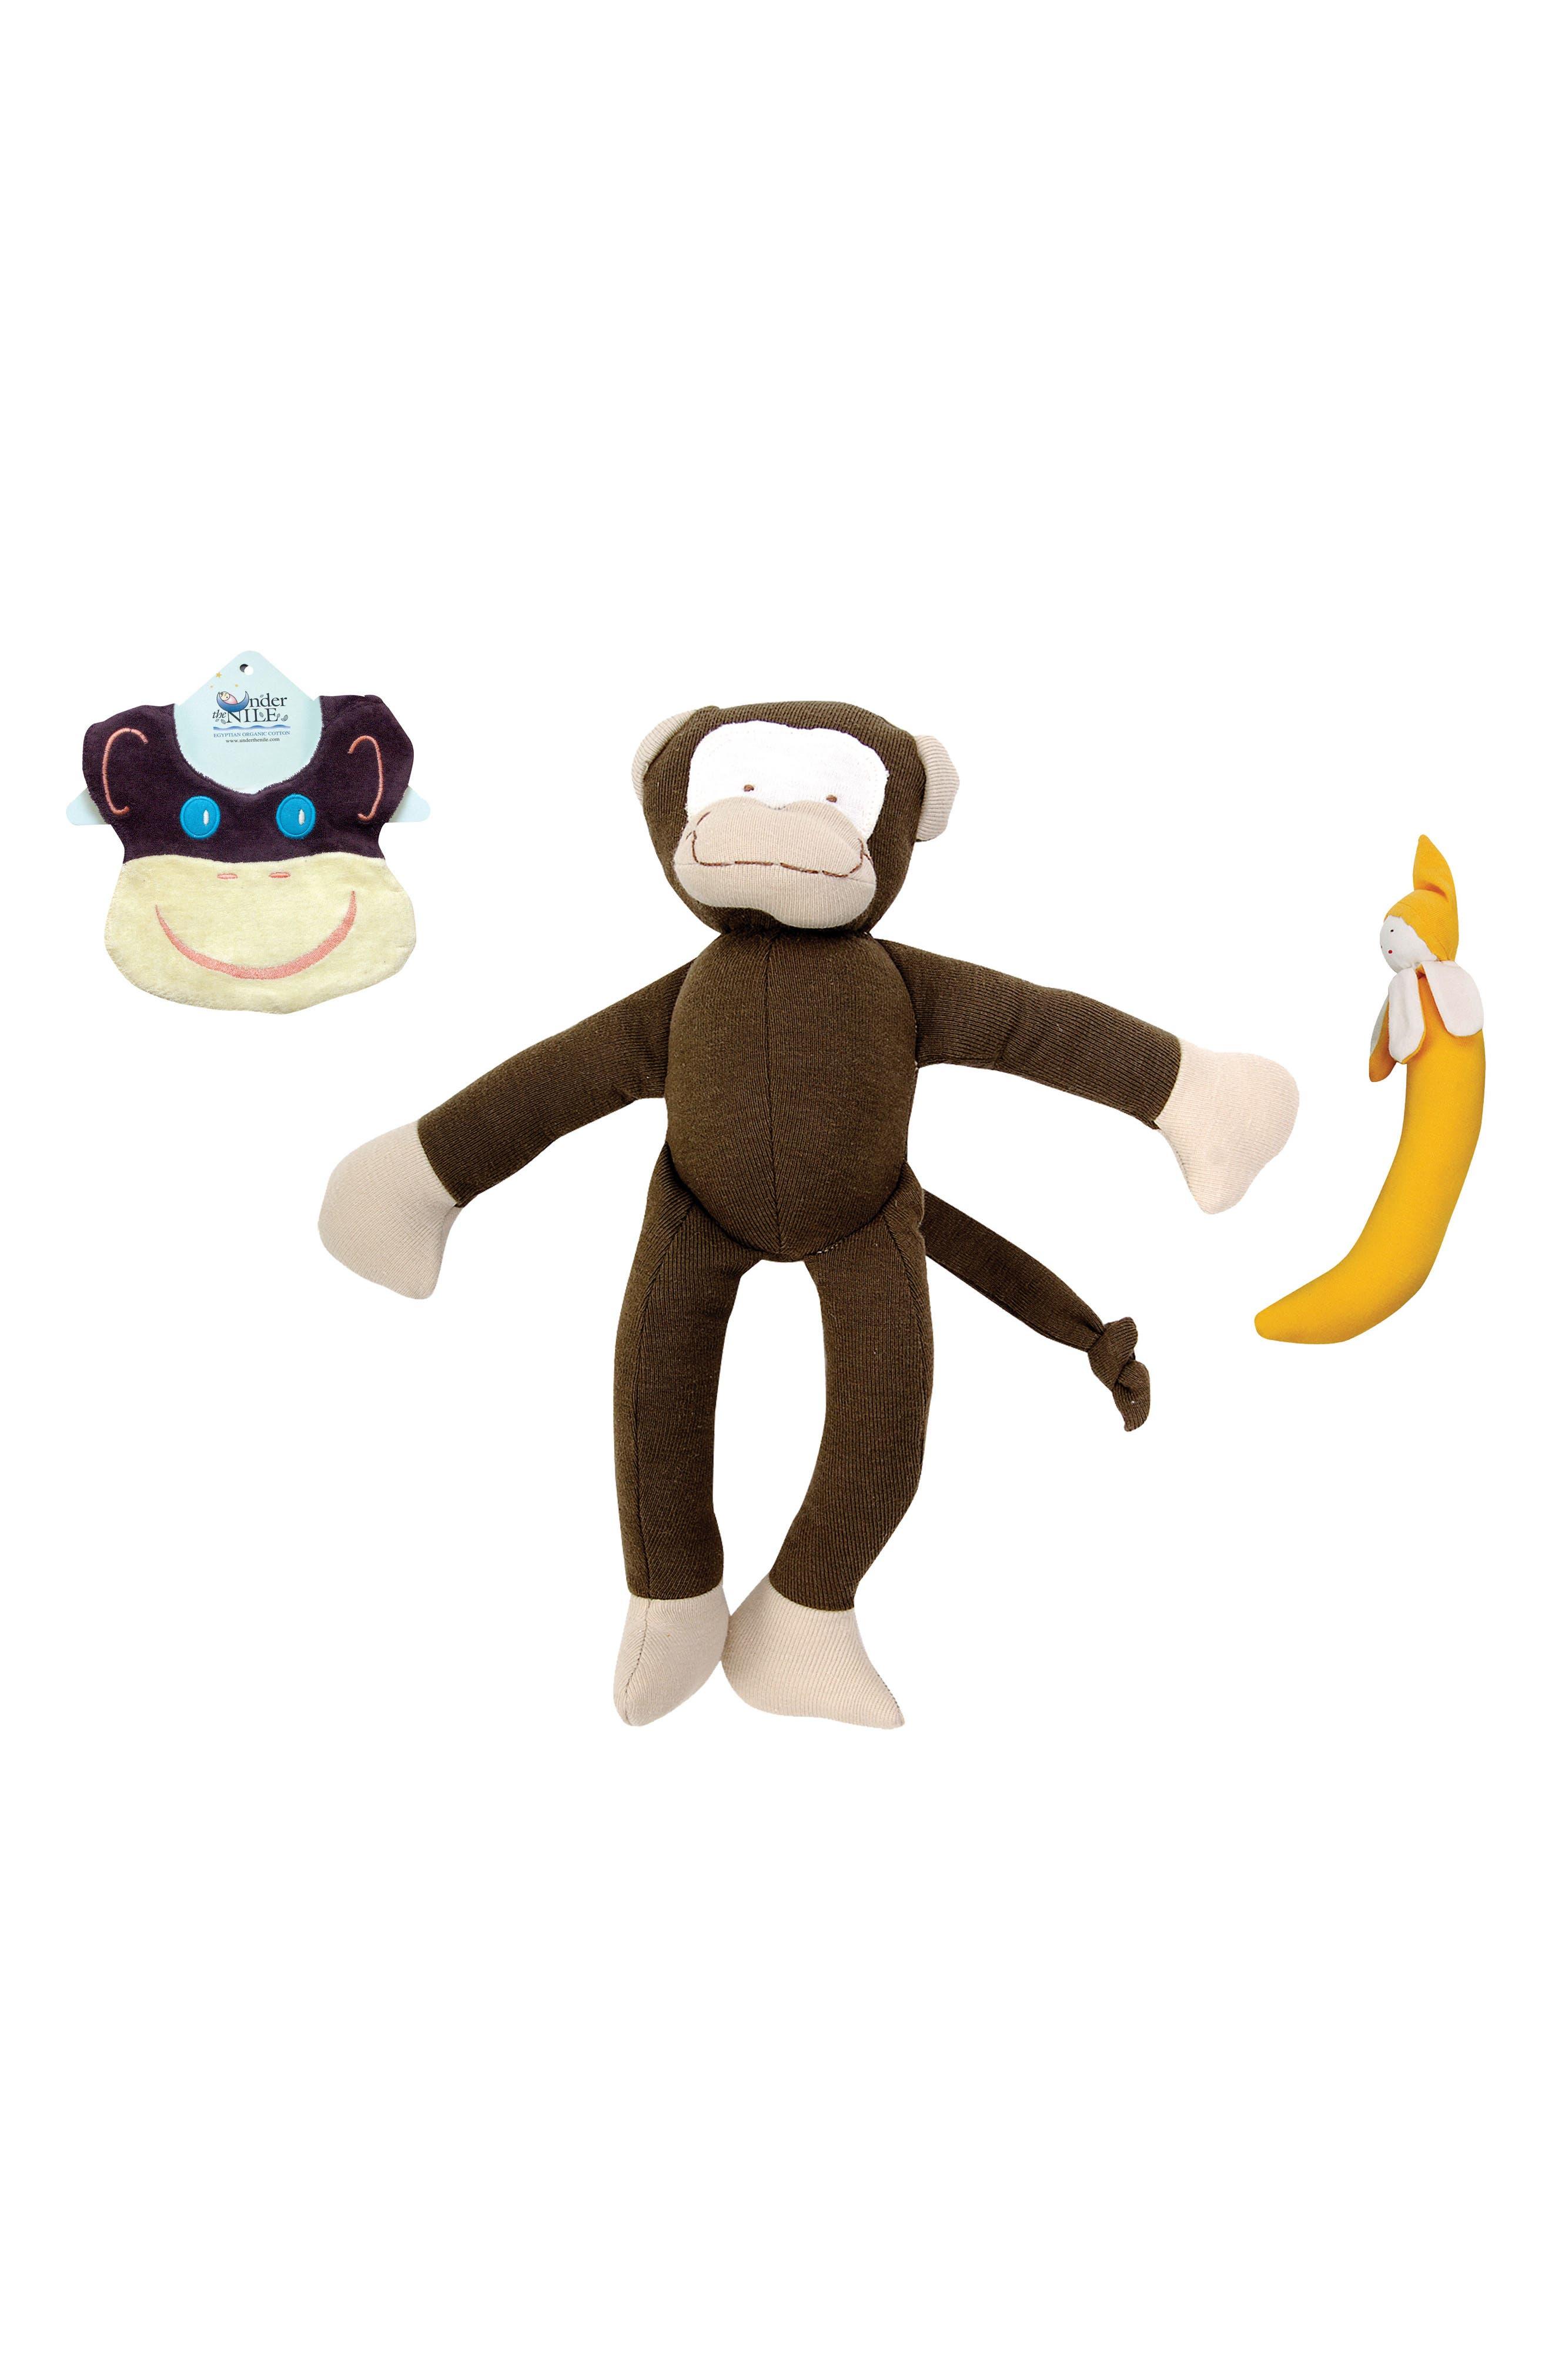 Under the Nile 3-Piece Monkey Bib, Stuffed Animal and Stuffed Banana Set